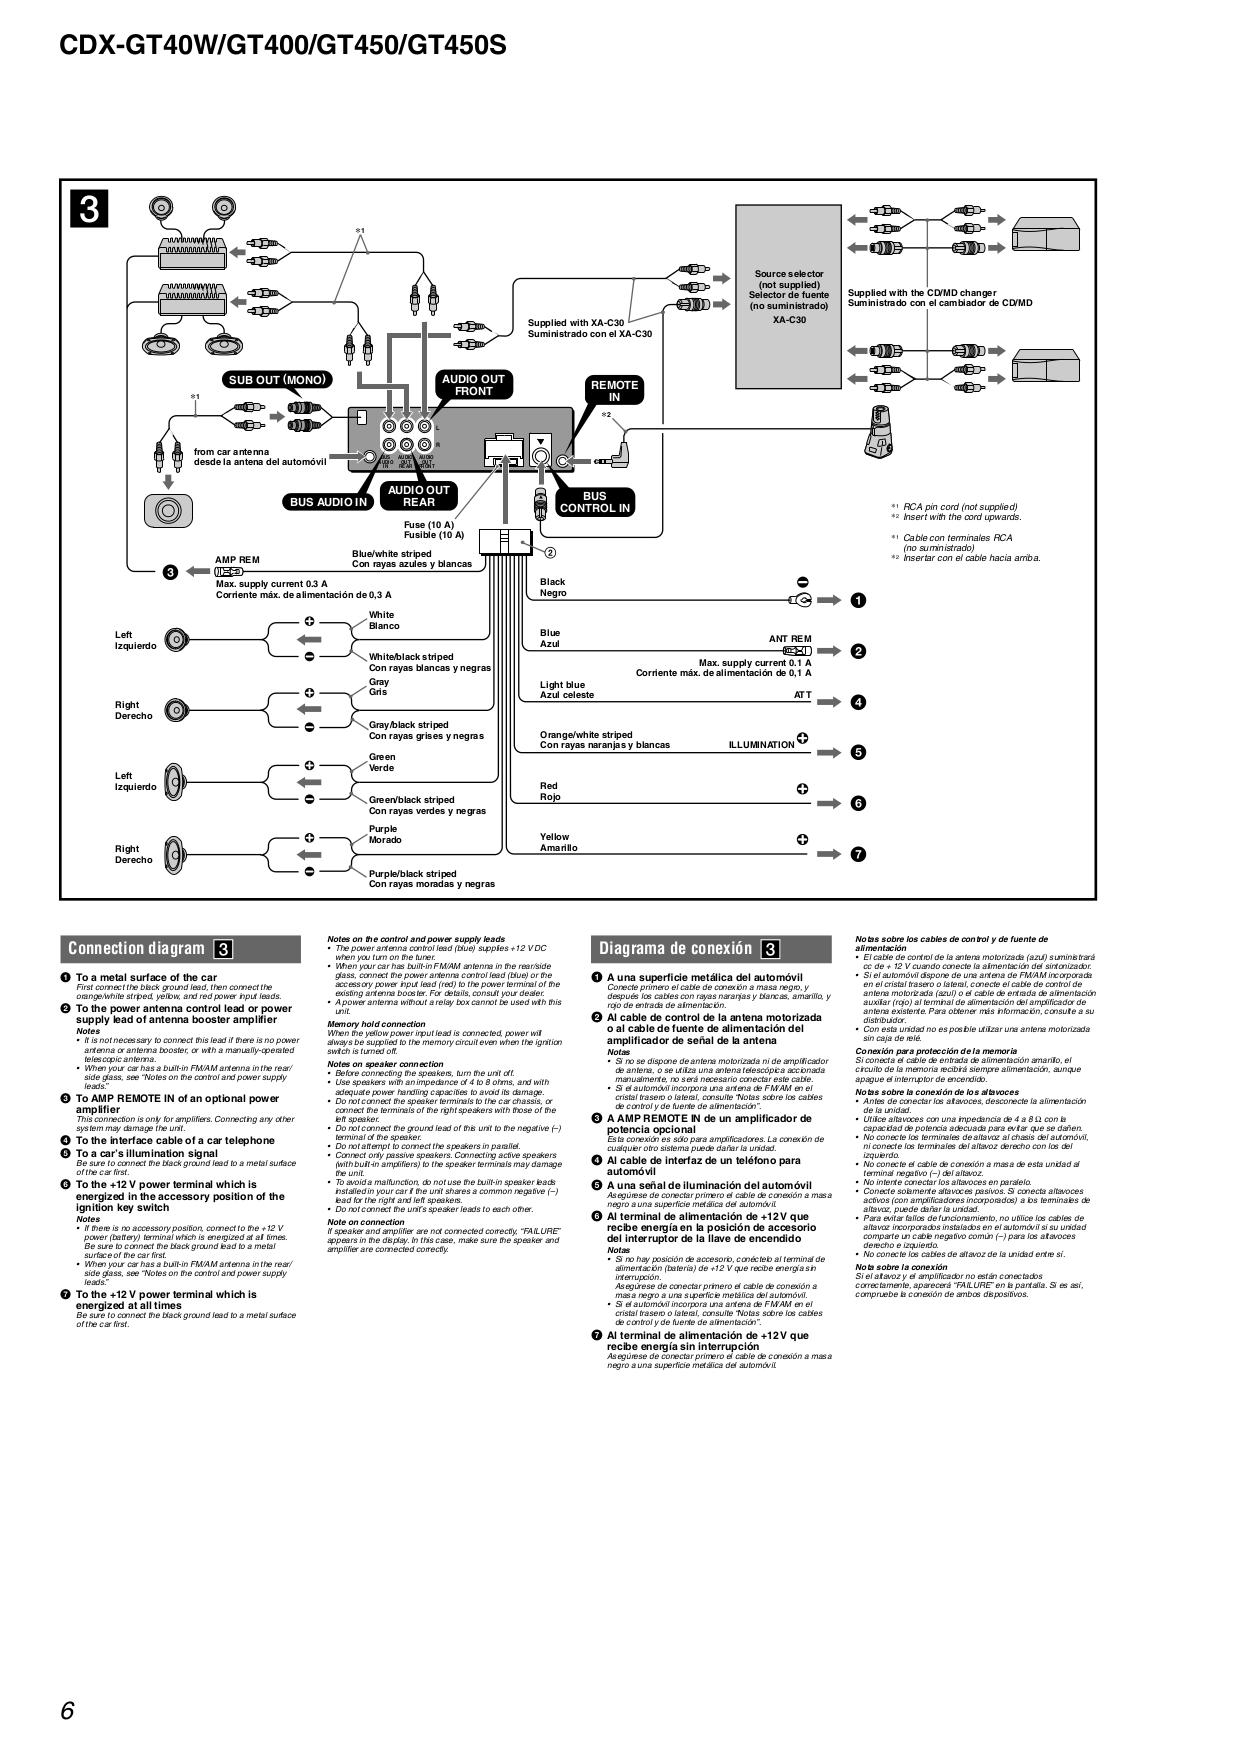 Sony Cdx-Gt09 Wiring Diagram from srv2.umlib.com